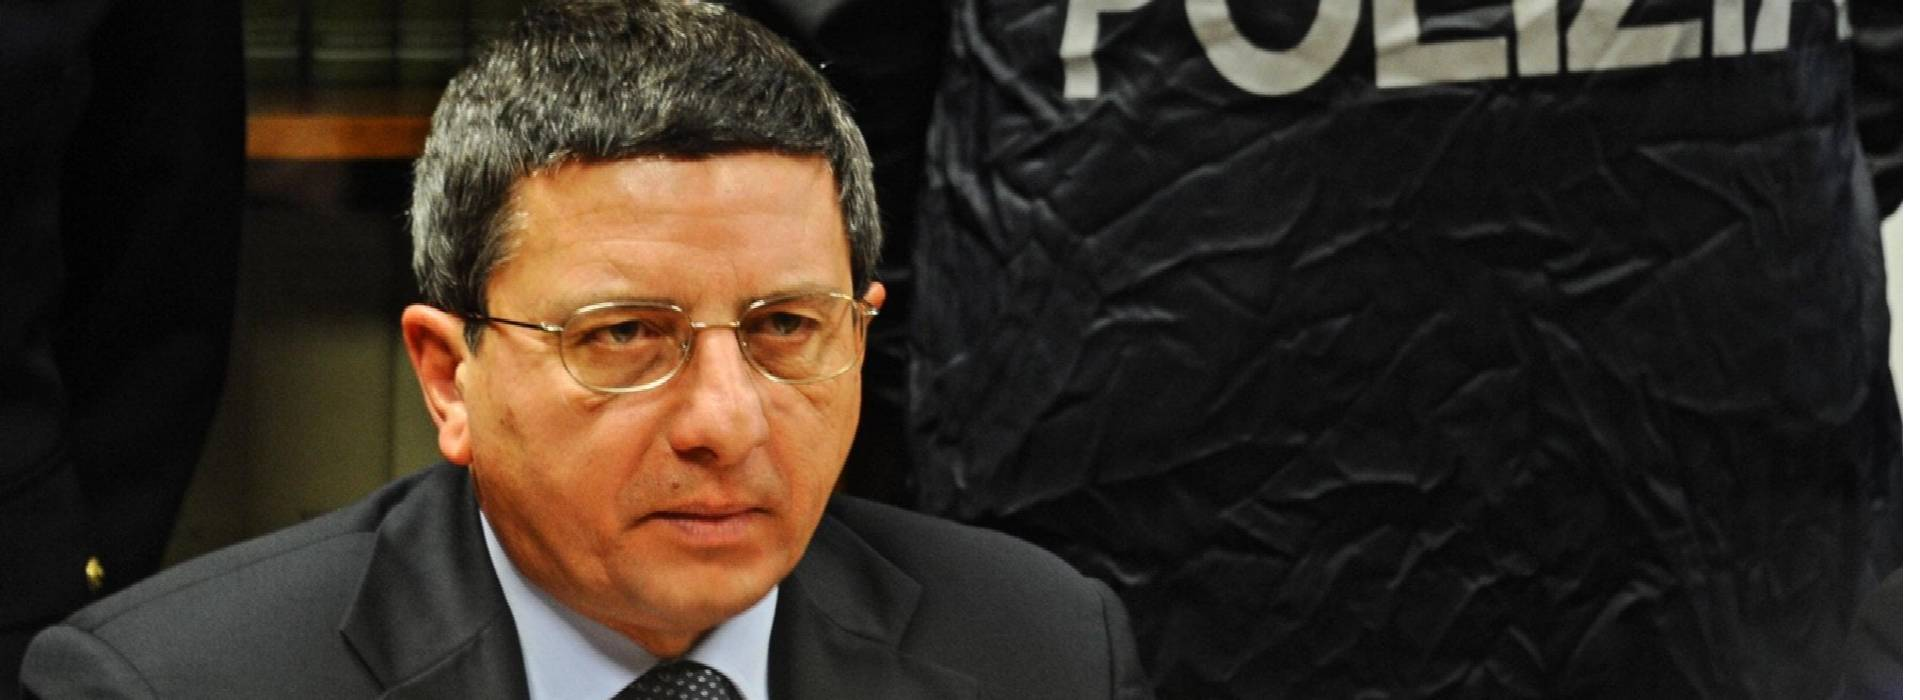 """Giuseppe Creazzo, un testimone racconta: """"il pm palpeggiò la collega"""""""